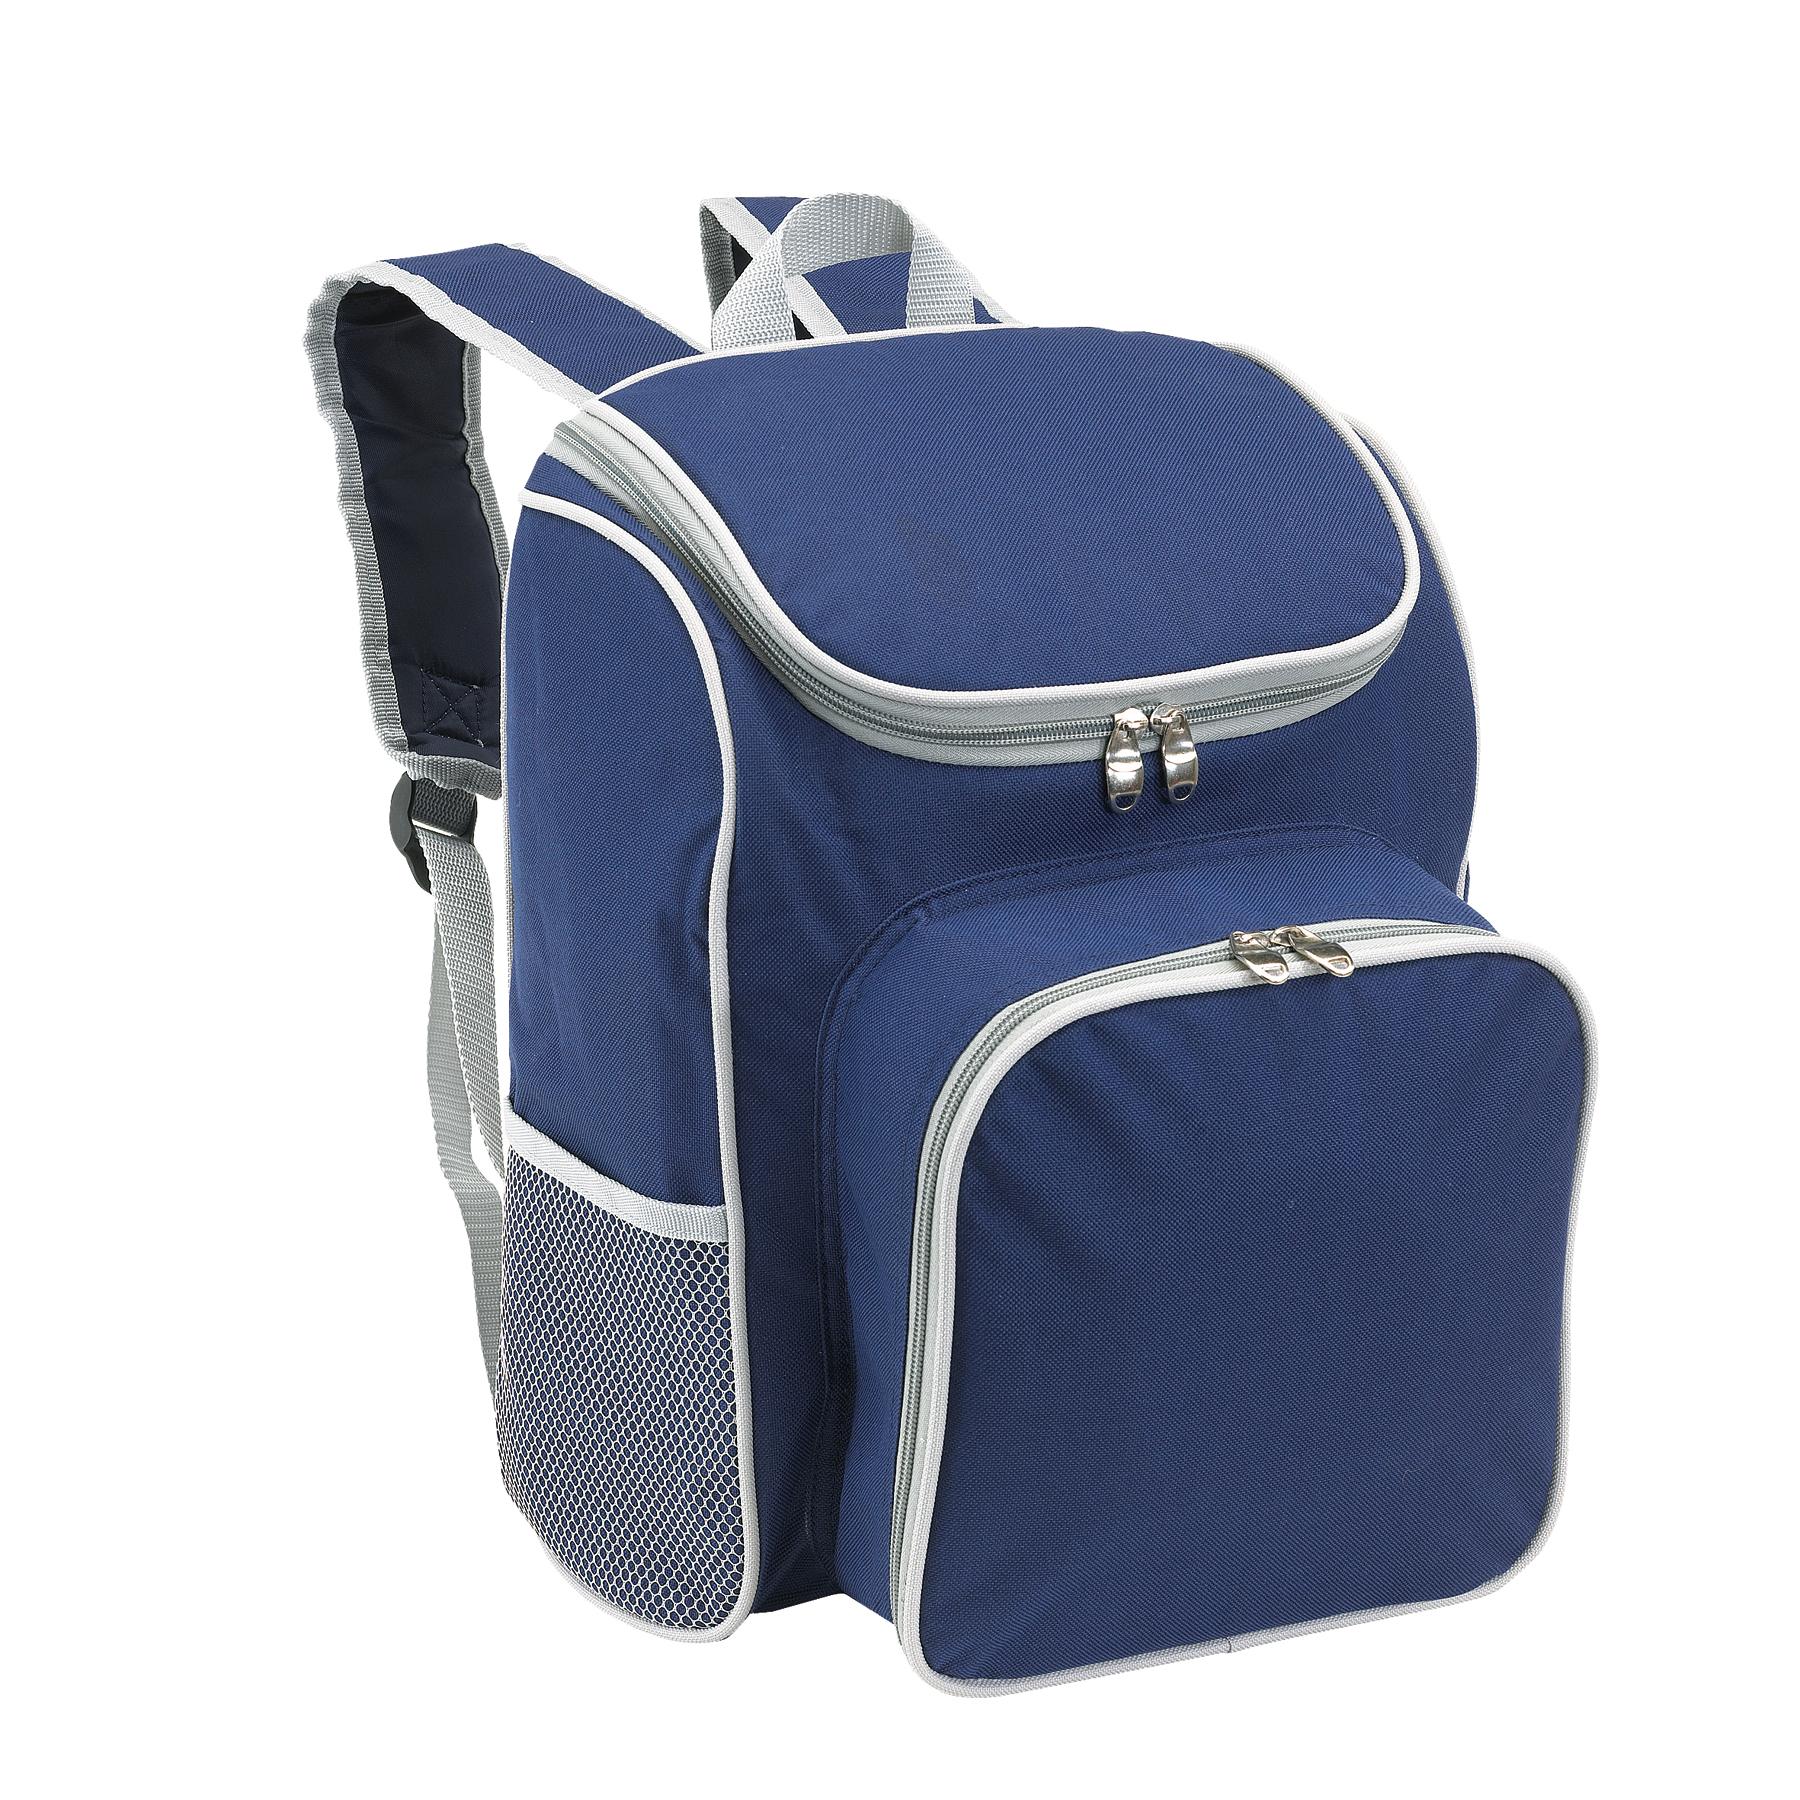 Plecak piknikowy OUTSIDE, niebieski, szary